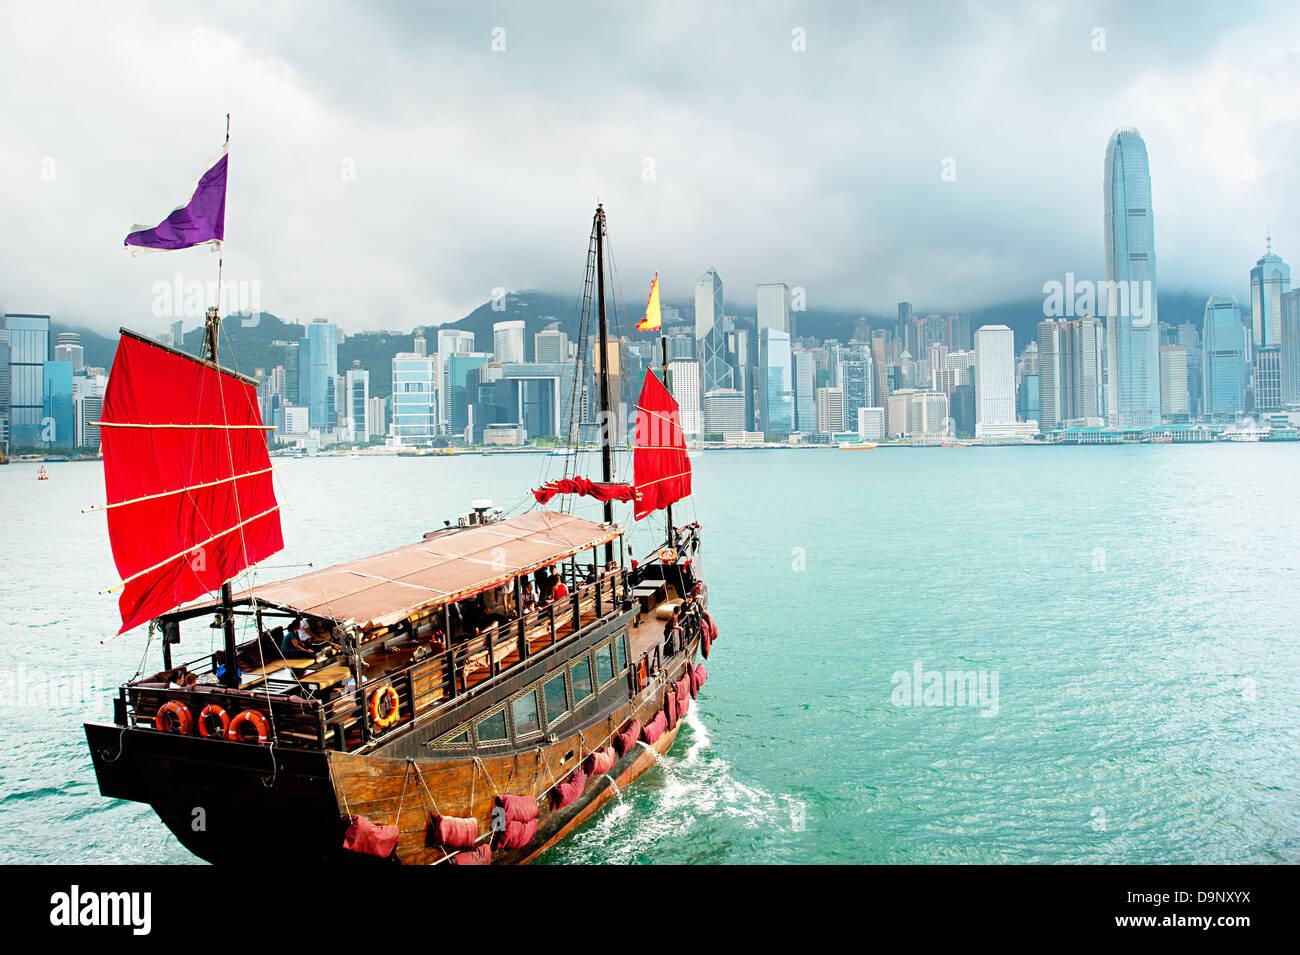 Traditional chinese-style sailboat sailing in Hong Kong harbor - Stock Image